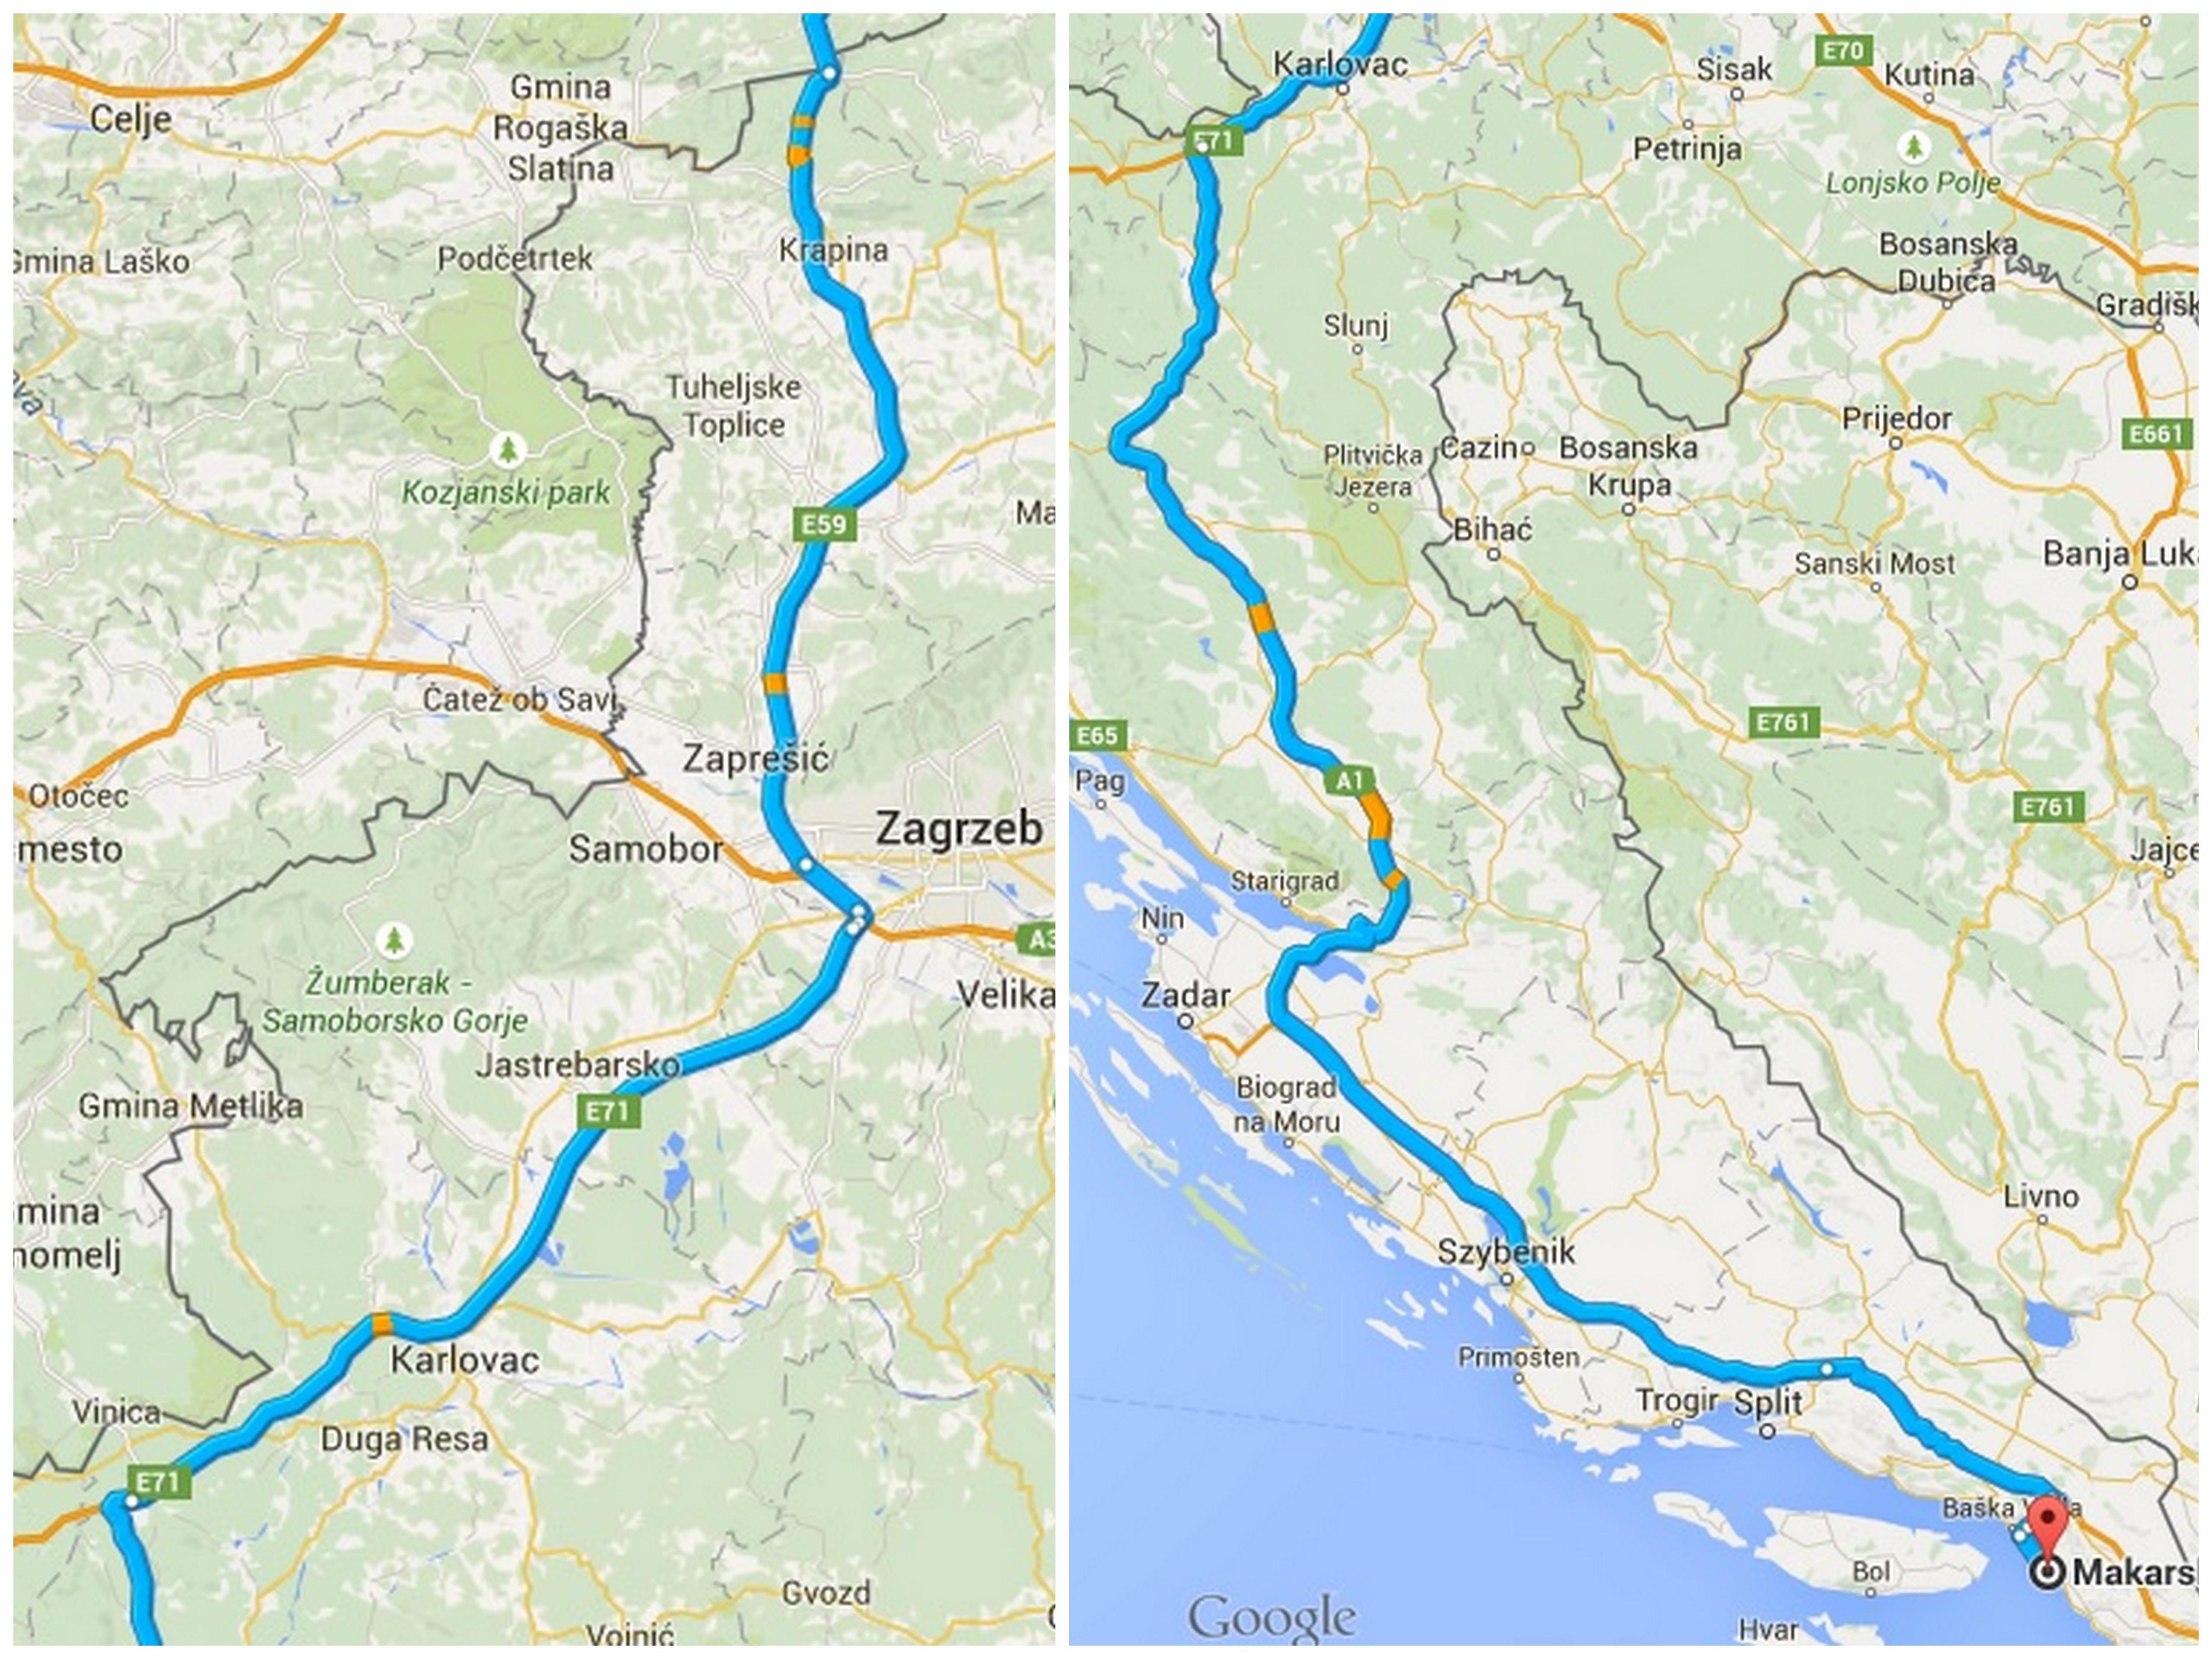 Dojazd samochodem do Chorwacji: Gorniji Macelj - Makarska